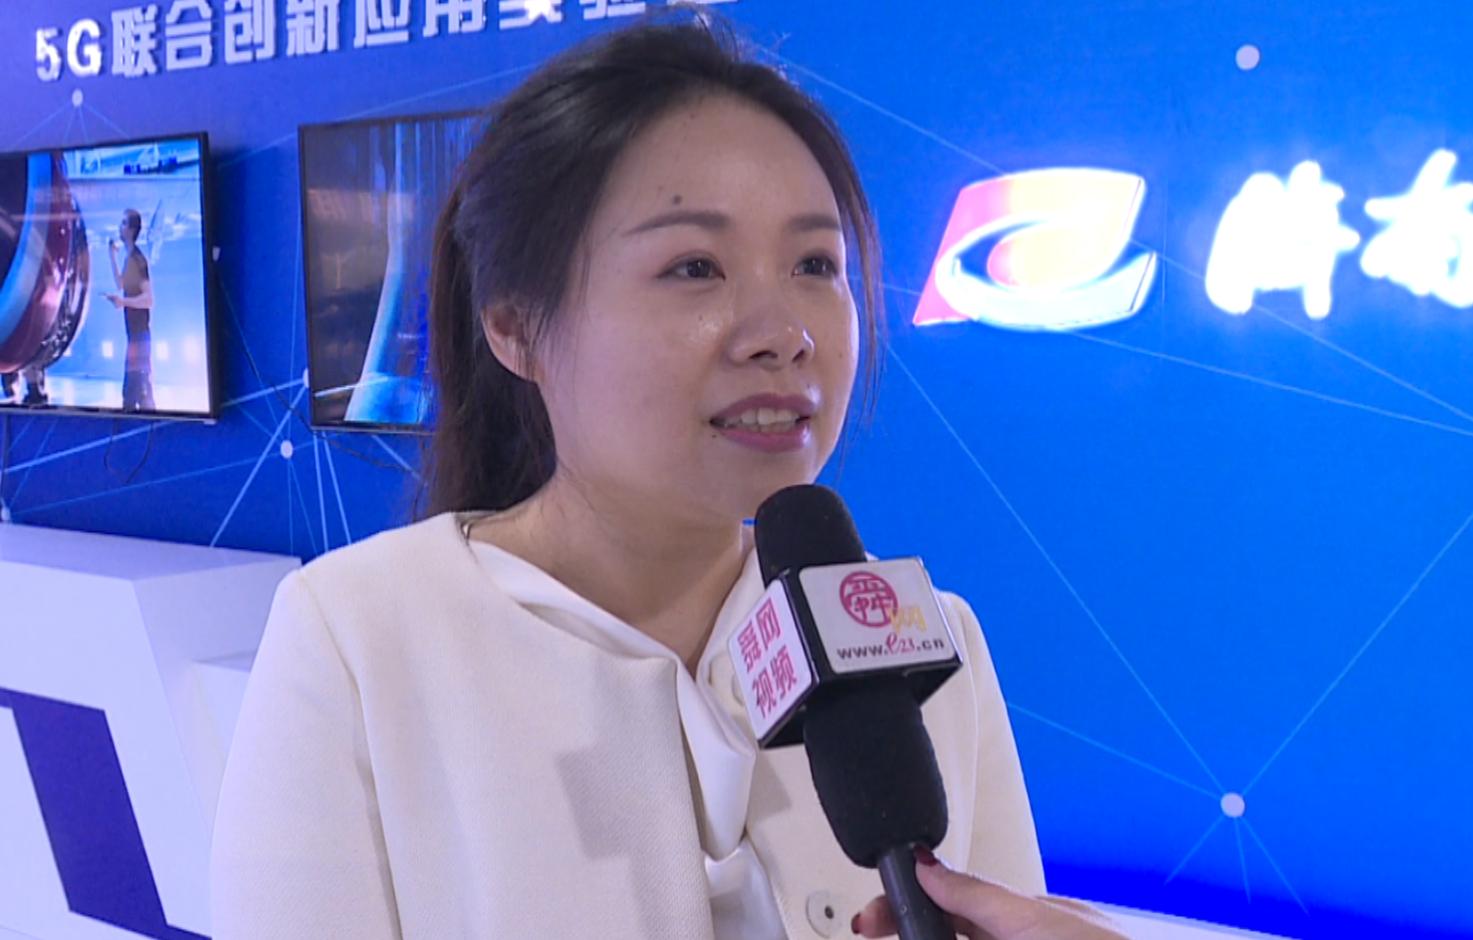 龙虎网总经理朱妮:济南融媒体中心令人震撼 信息化走在前沿